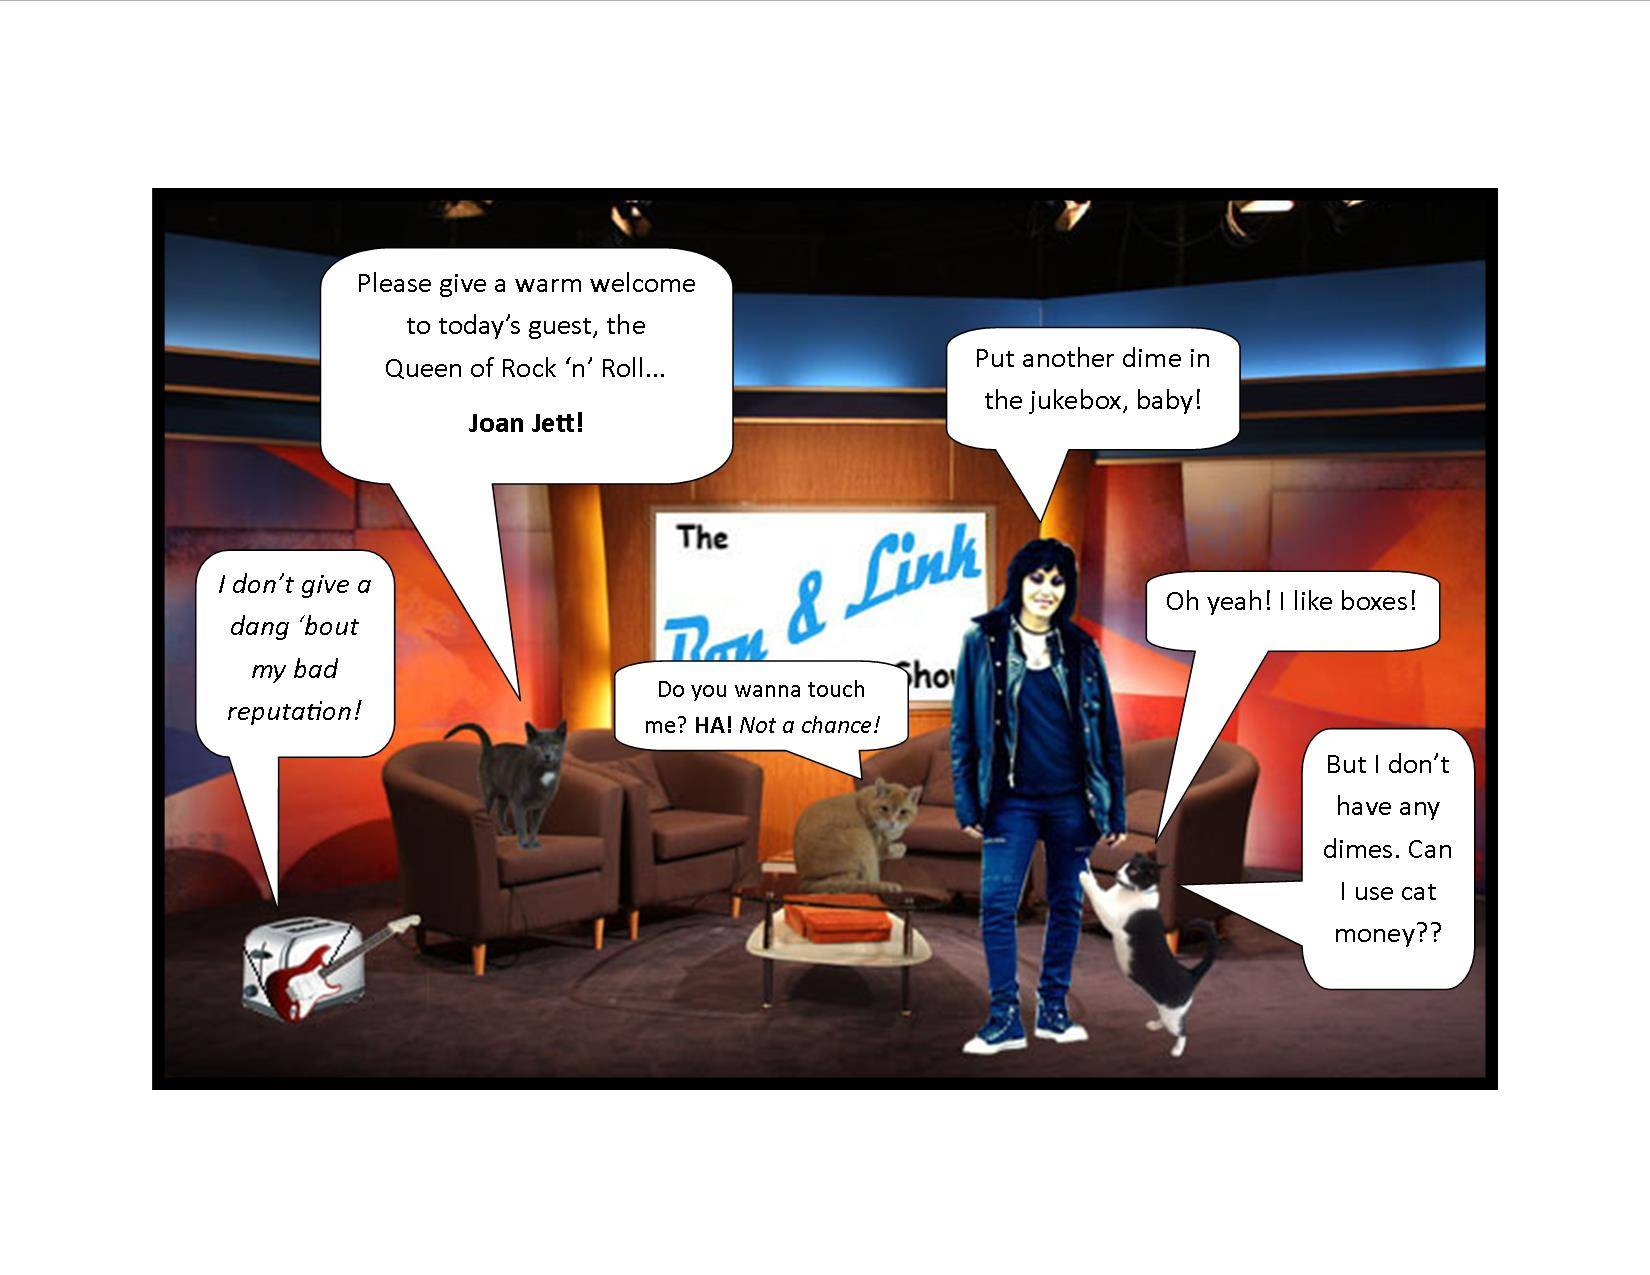 Joan Jett Rocks the B&L Show